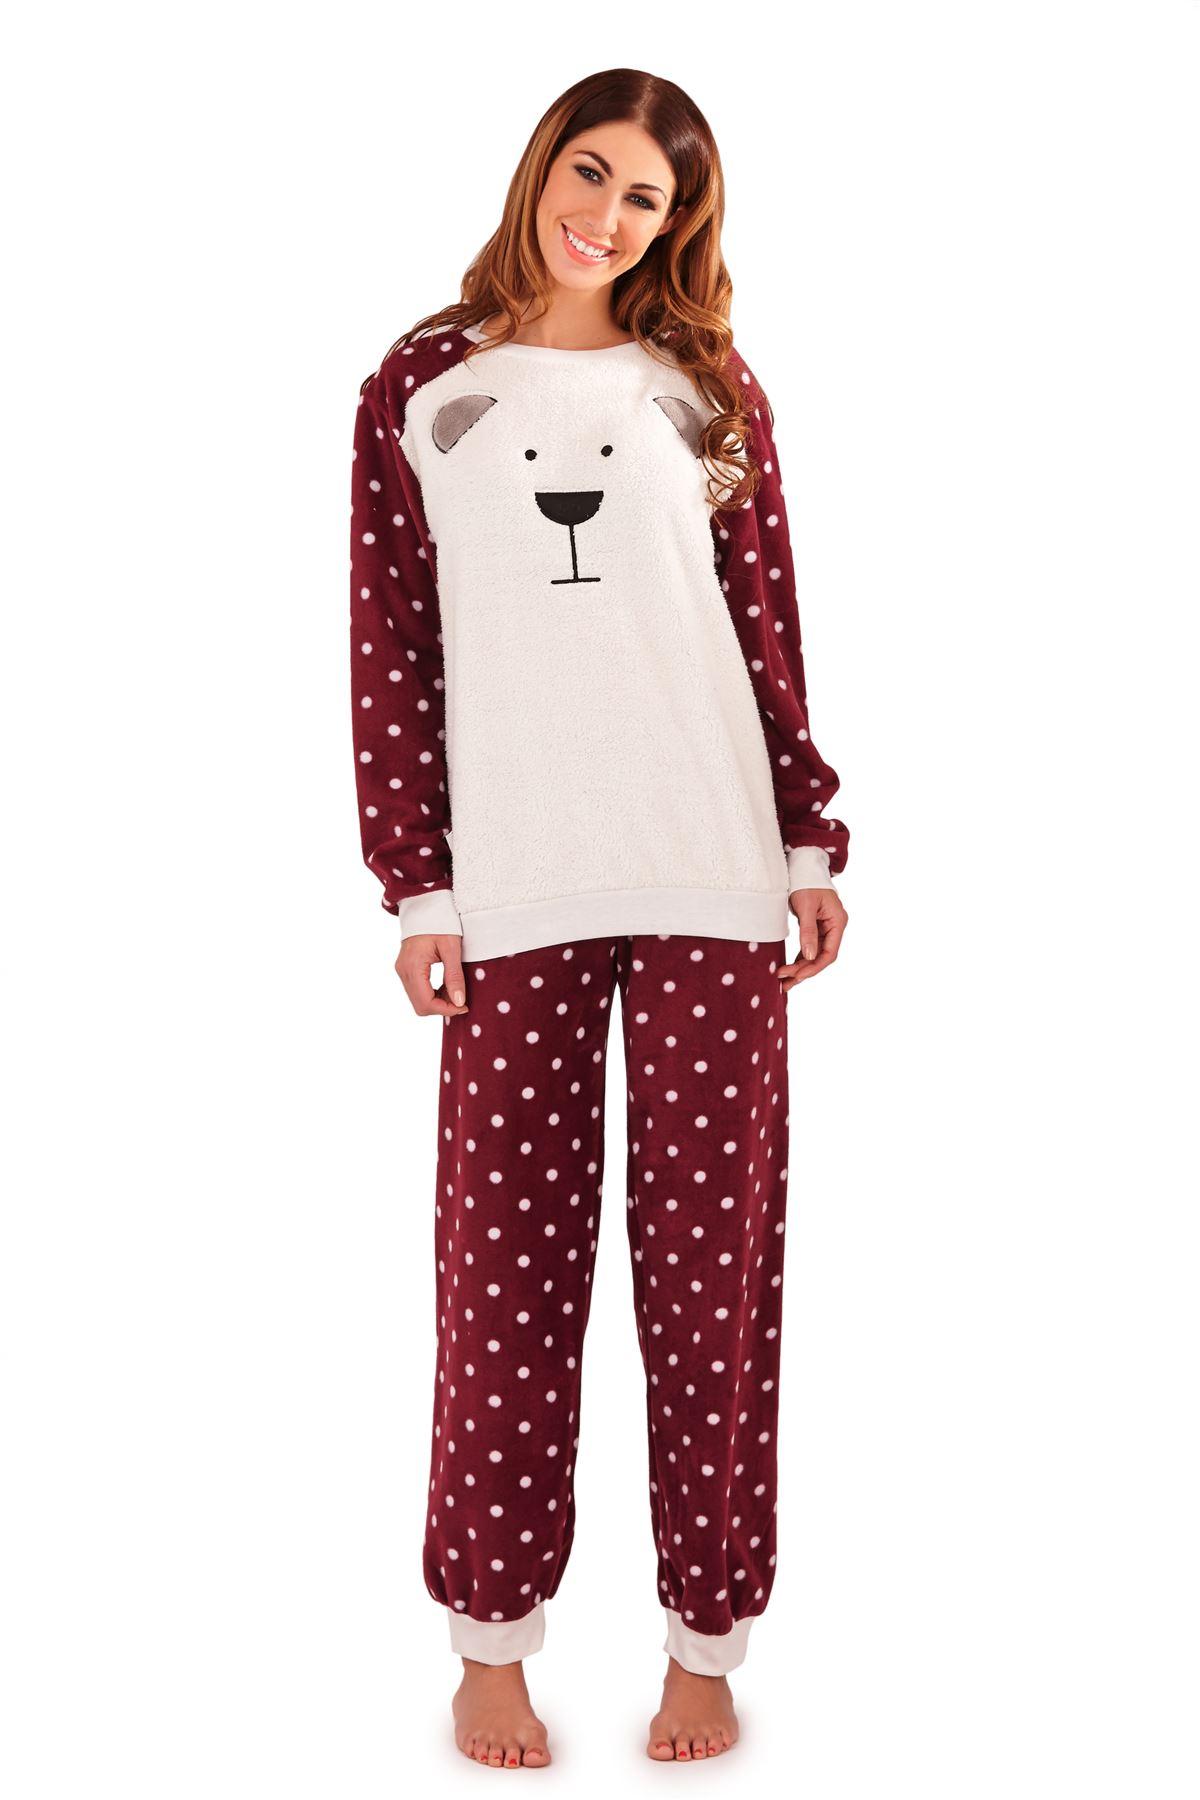 Femmes de luxe polaire pyjama set pyjama chaud pour femme manches longues cadeau nightwear ebay for Pyjama femme chaud